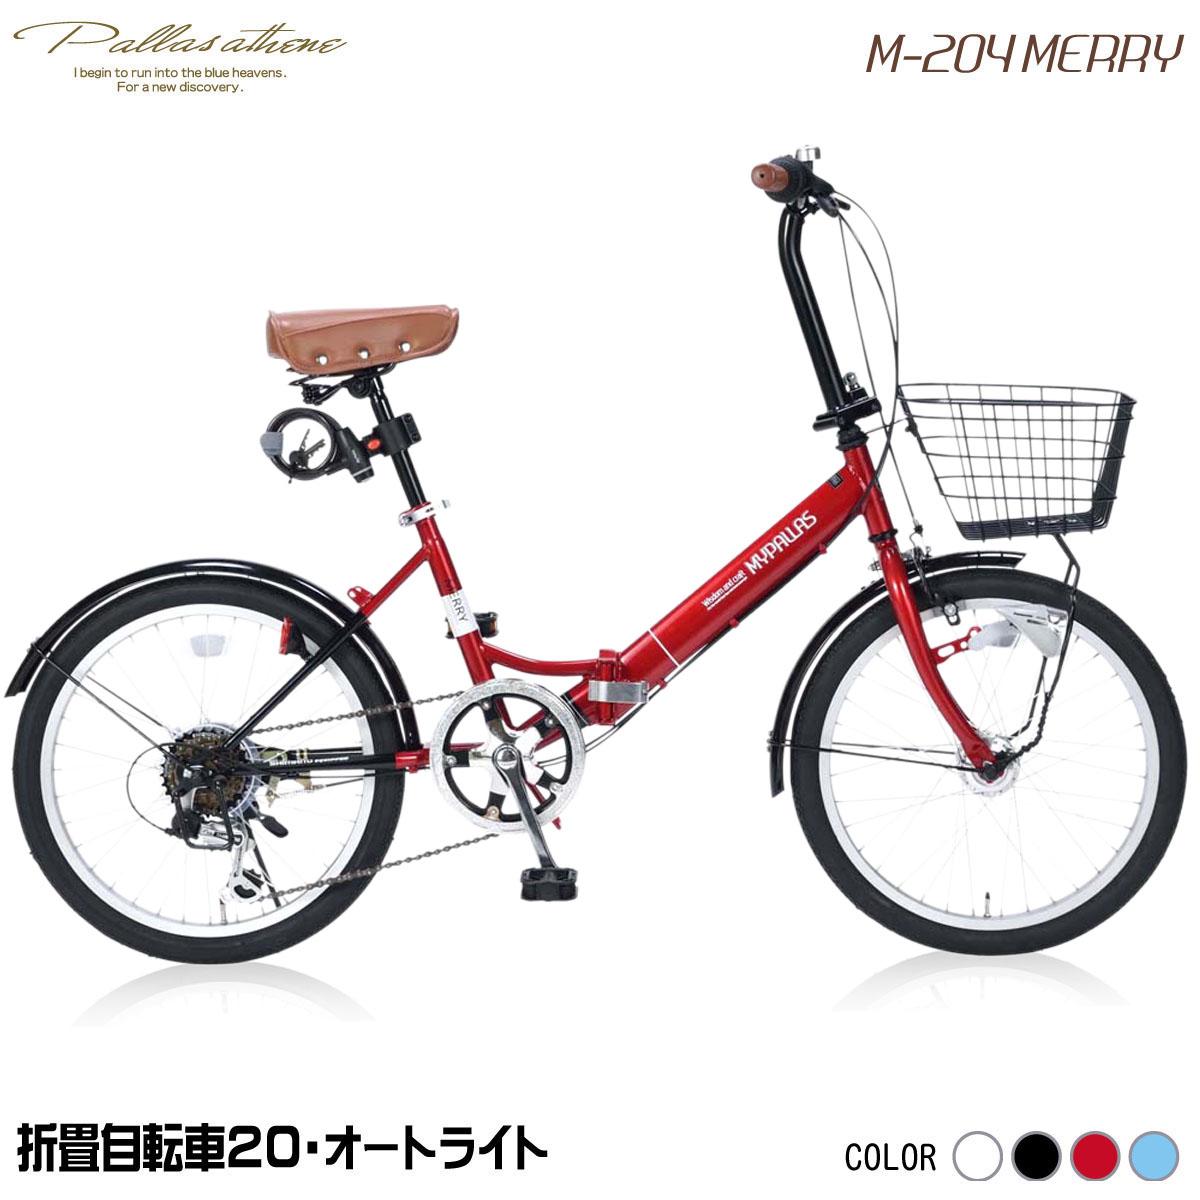 【送料無料】マイパラス M-204-RD レッド [折り畳み自転車(20インチ・6段変速)]【同梱配送不可】【代引き不可】【本州以外配送不可】